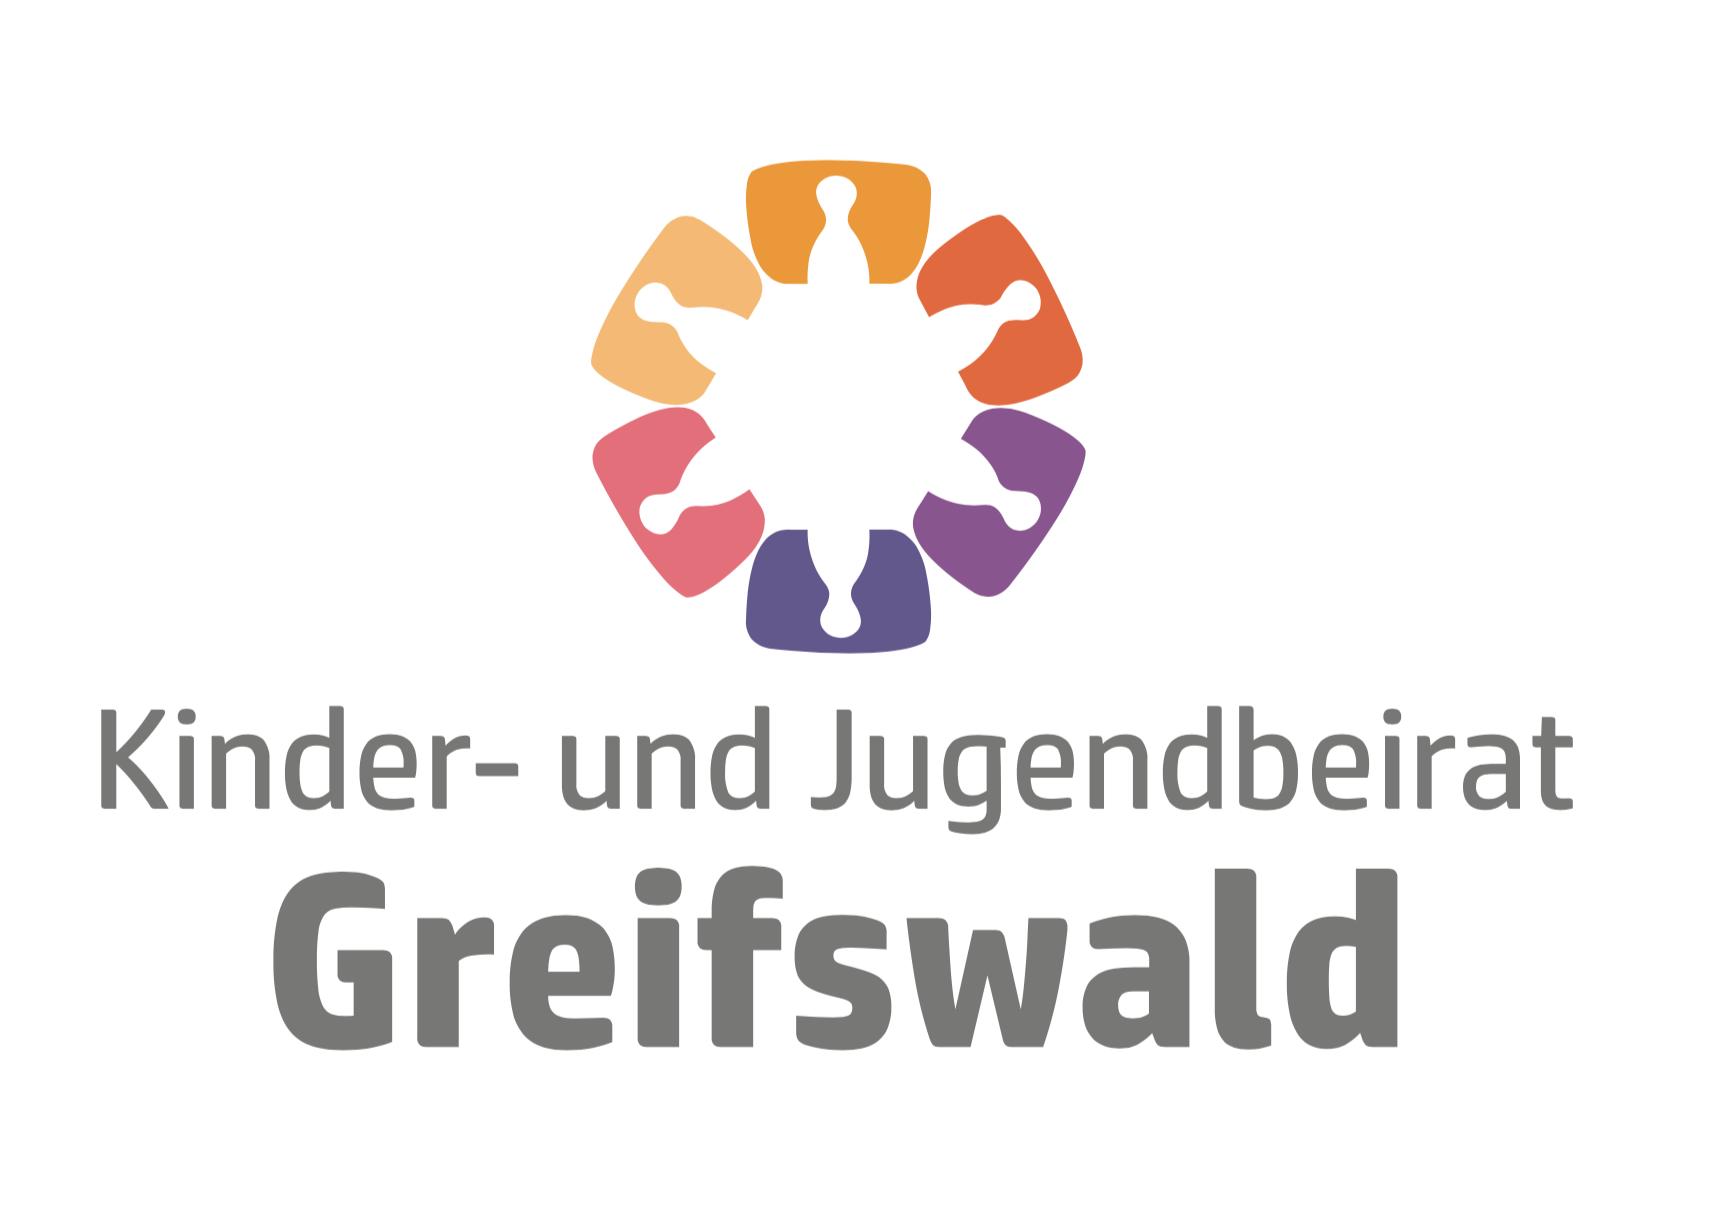 Kinder- und Jugendbeirat Greifswald